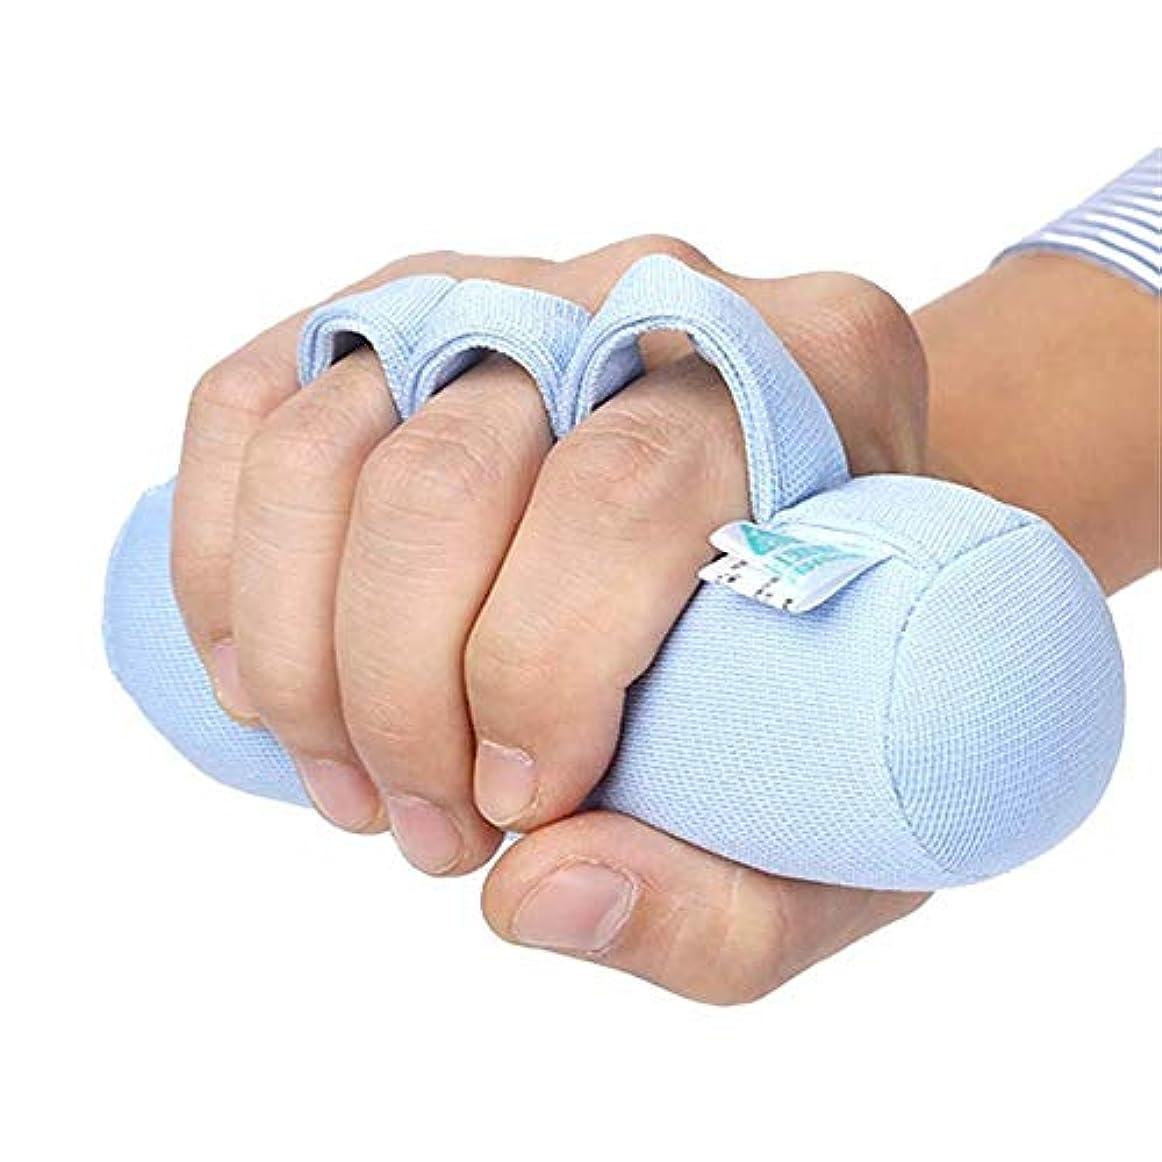 機会異邦人矢じり指の怪我のサポート、指のトレーニングリハビリテーション運動ツール右手左手中立手拳ボードを使用